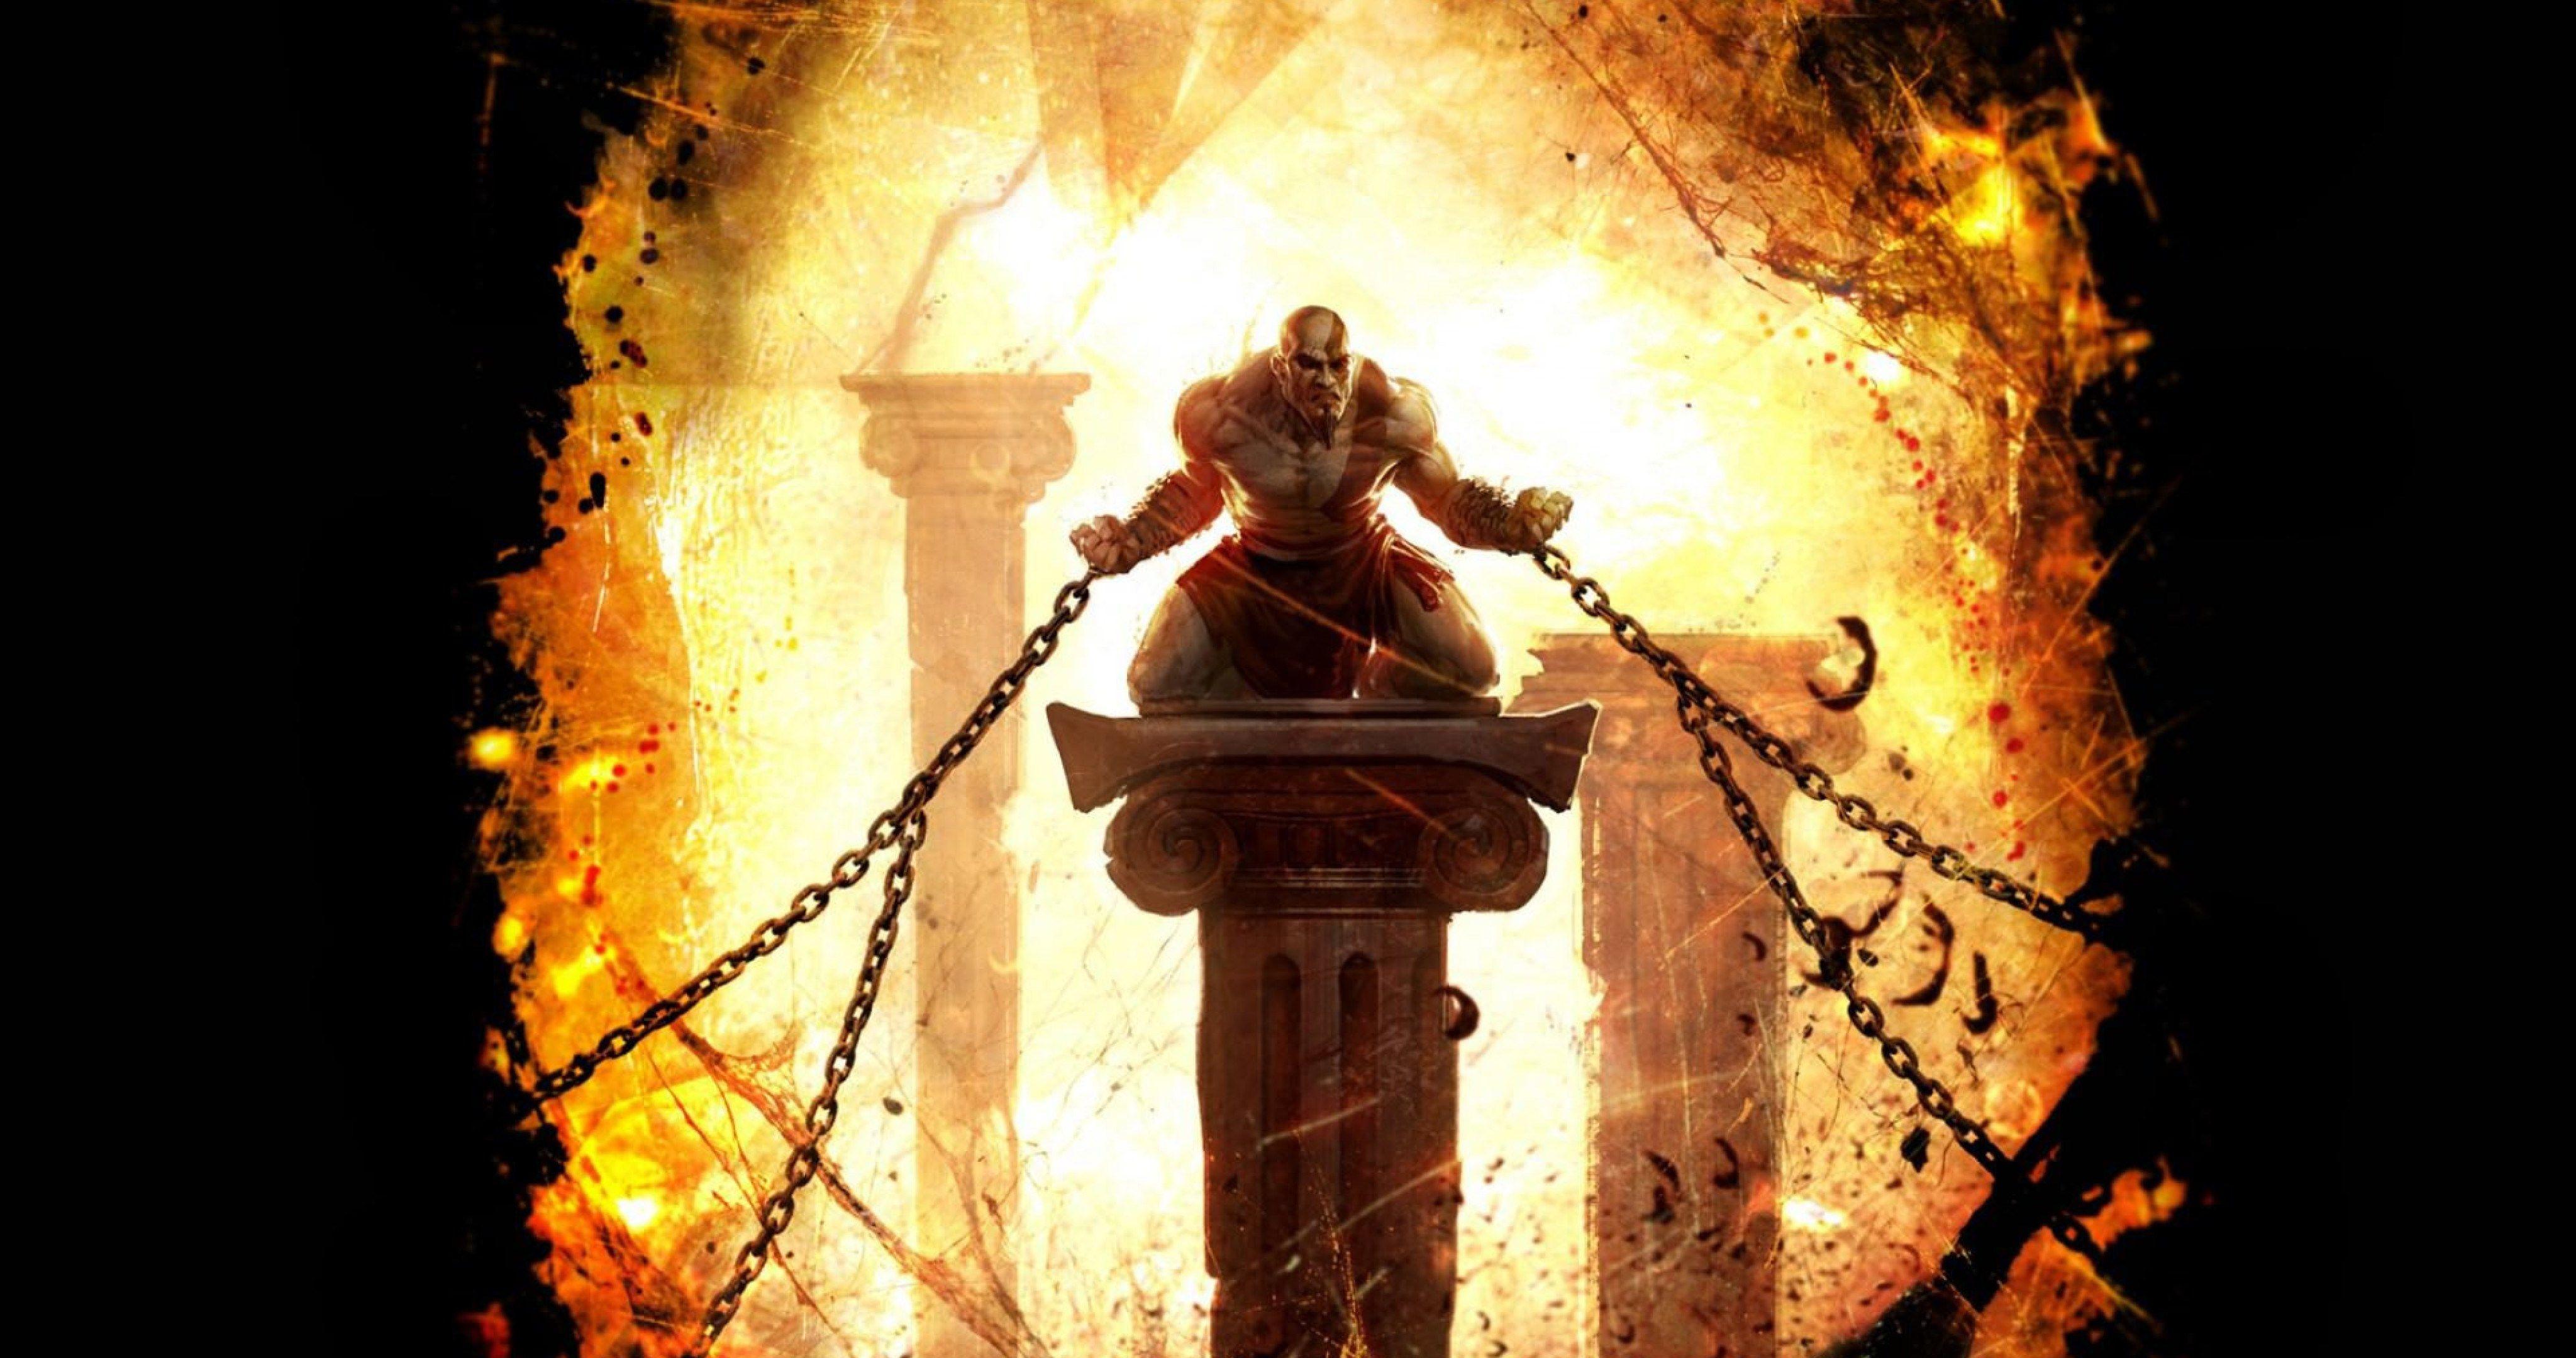 God Of War Ascension Game 4k Ultra Hd Wallpaper Kratos God